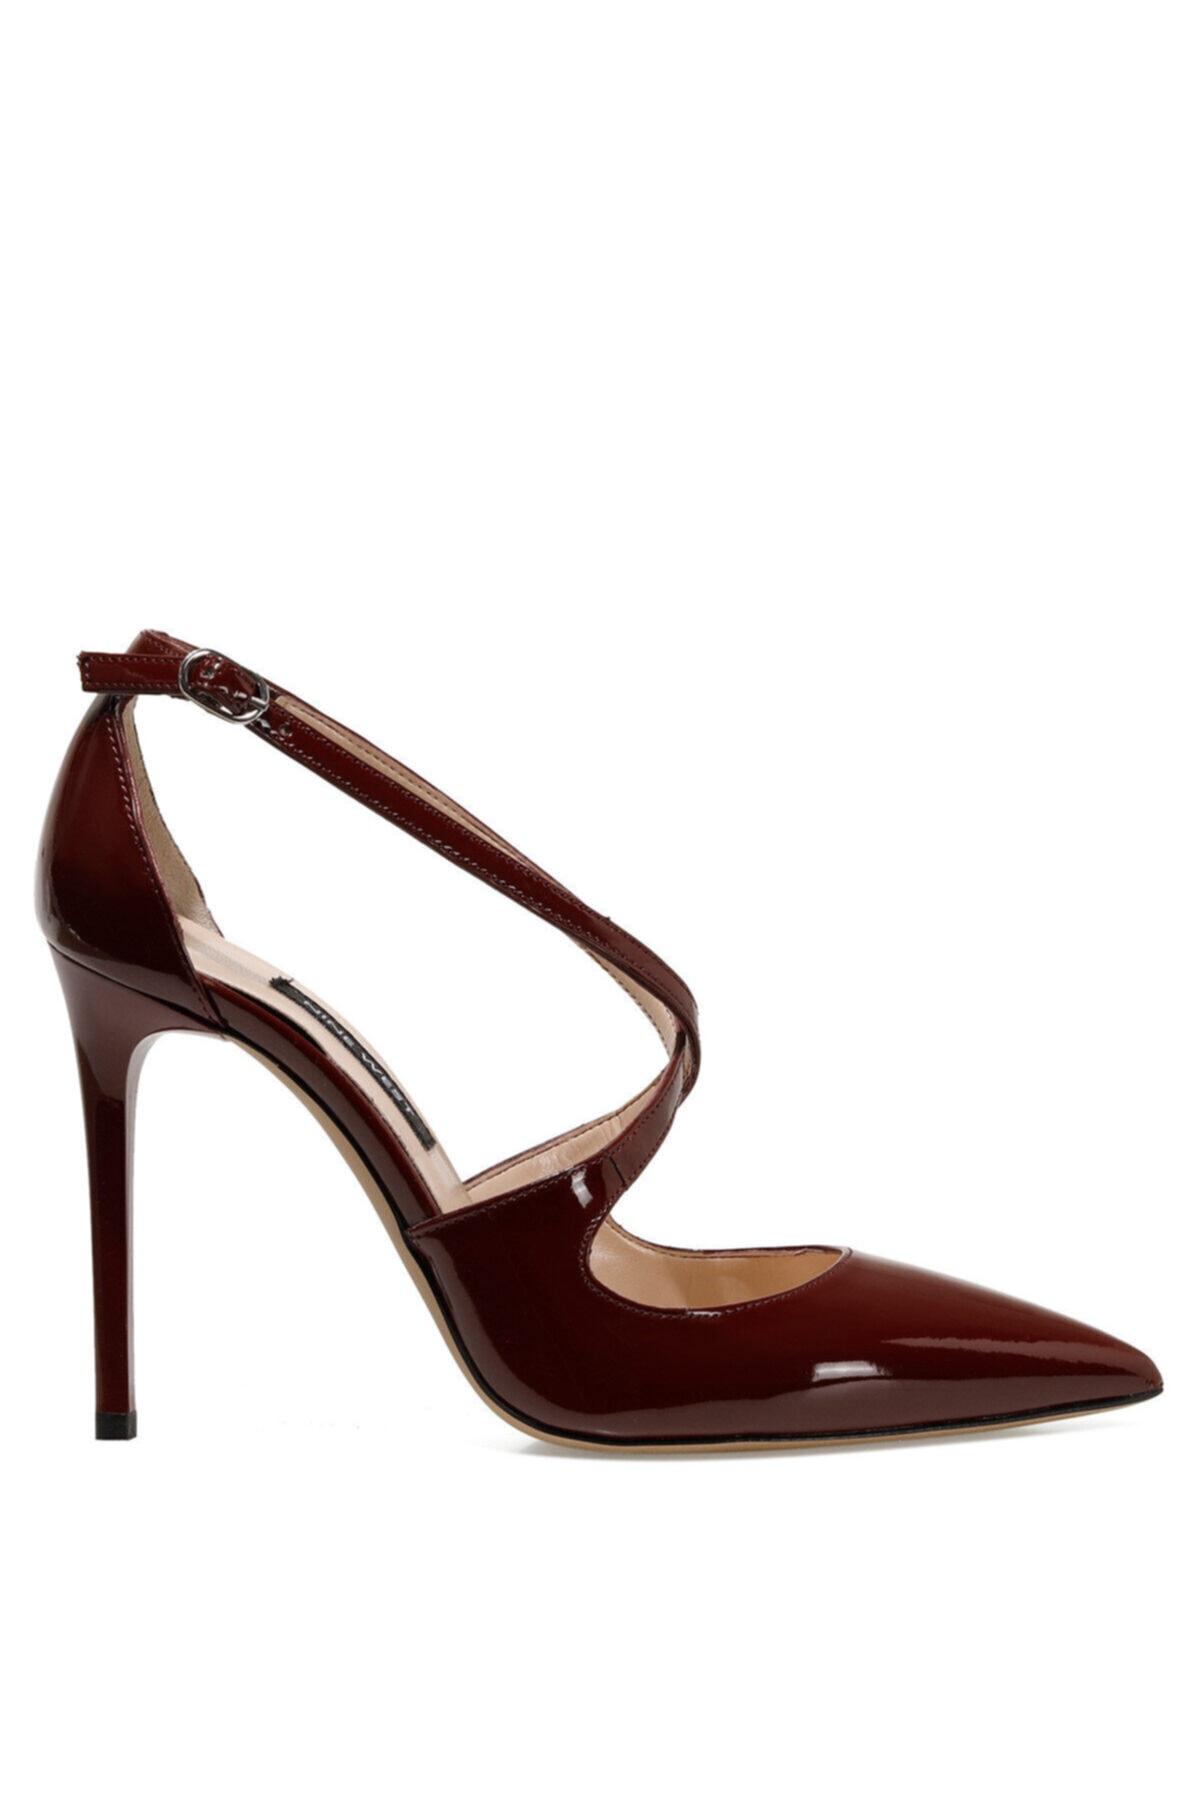 Nine West STEFANIA Koyu Kırmızı Kadın Topuklu Ayakkabı 100582129 1